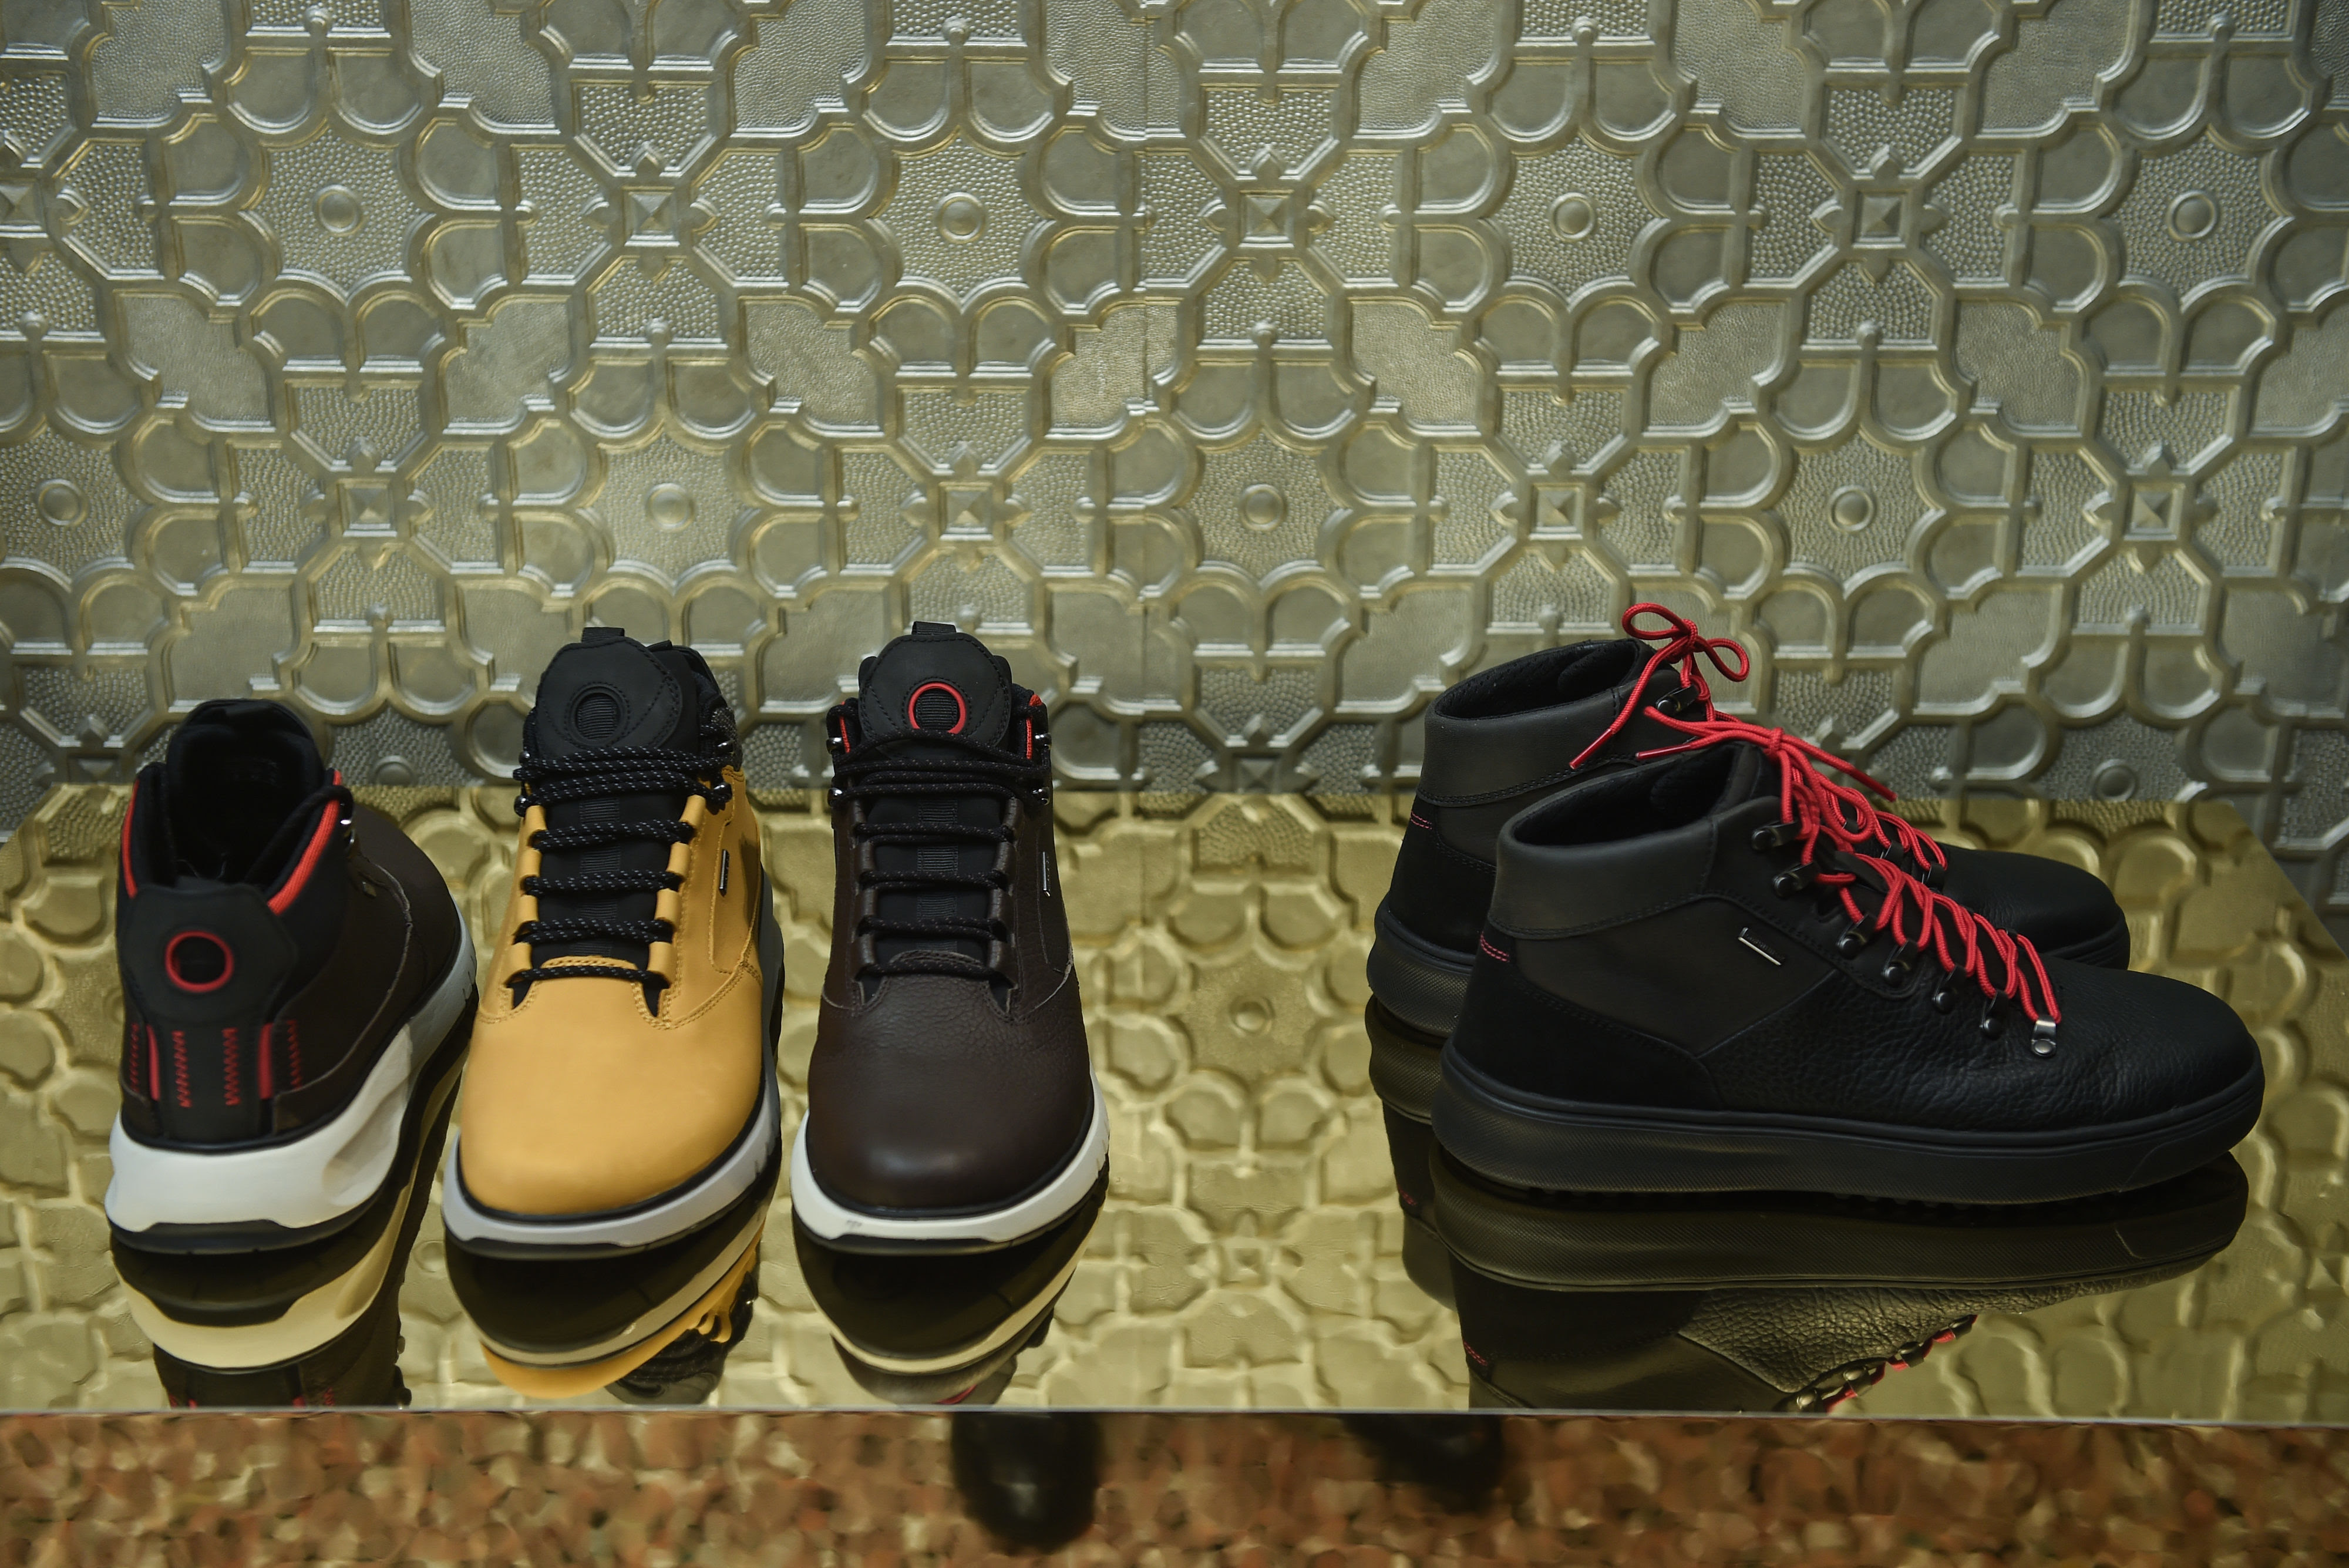 886f023a 264b 4bed bdb5 10a73ed8d94a - Geox presenta su colección para hombre Otoño/Invierno 2020 de calzado y prendas exteriores